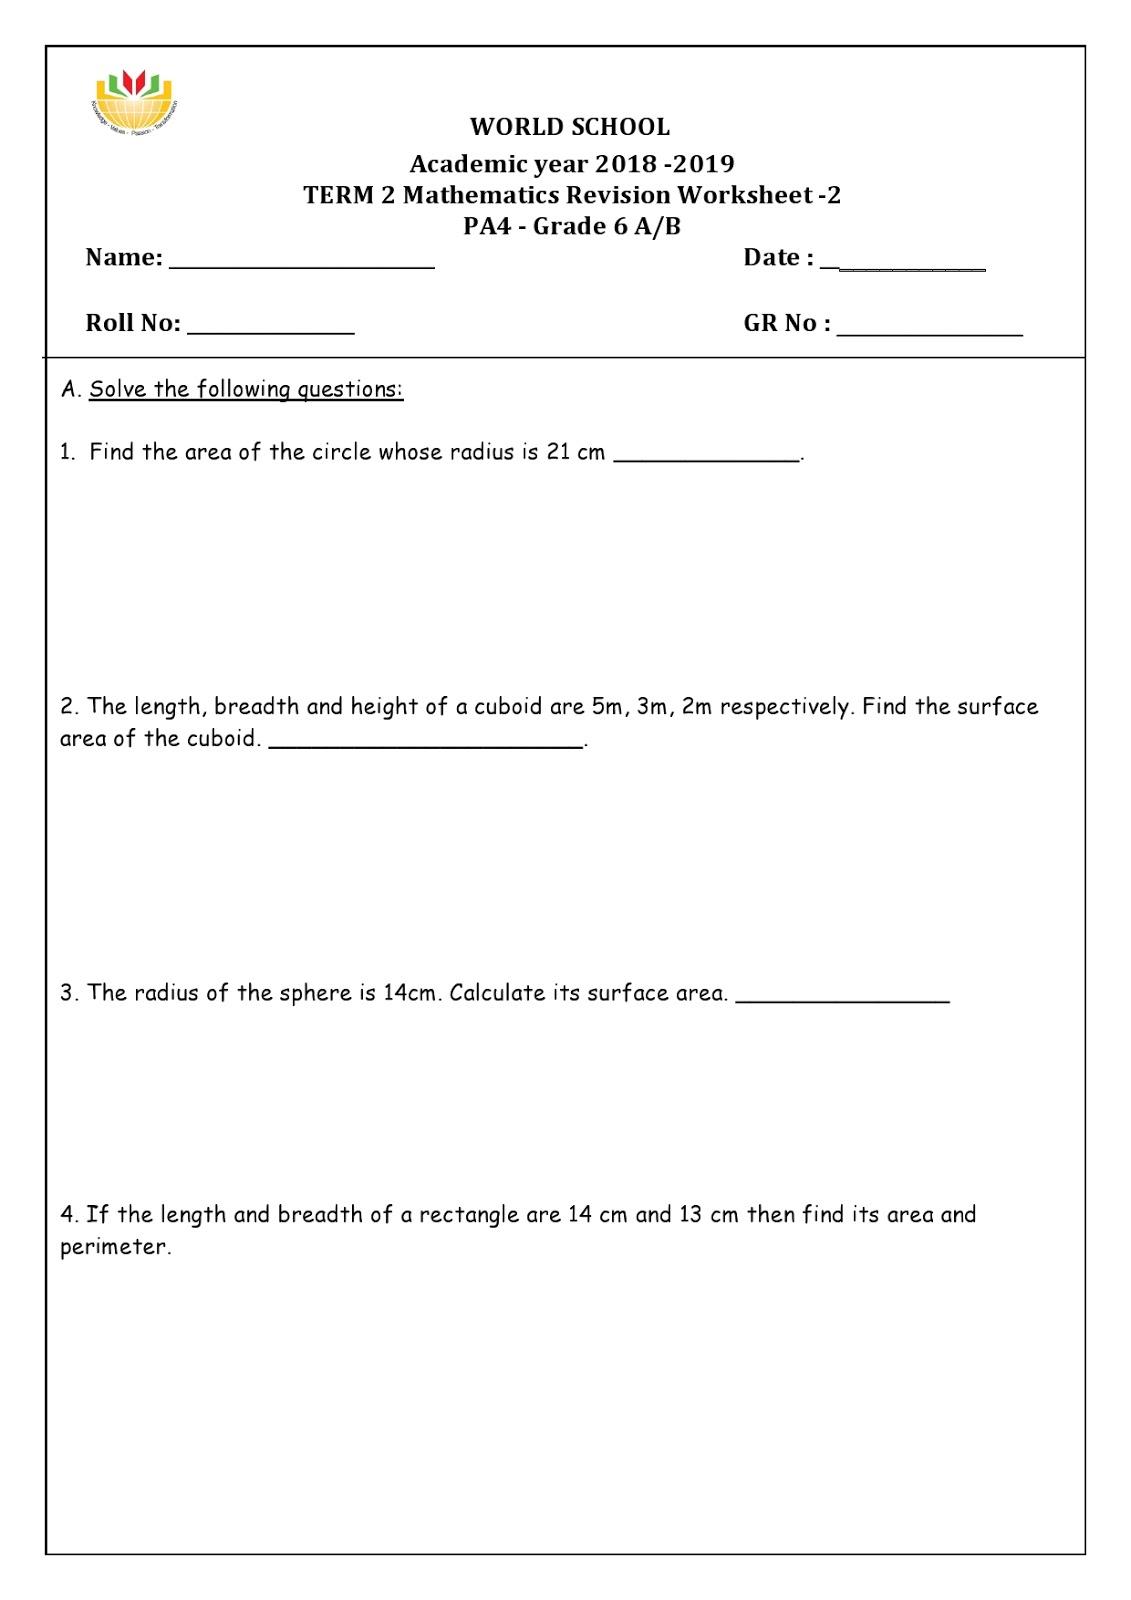 medium resolution of WORLD SCHOOL OMAN: Homework for Grade 6 as on 18-04-2019